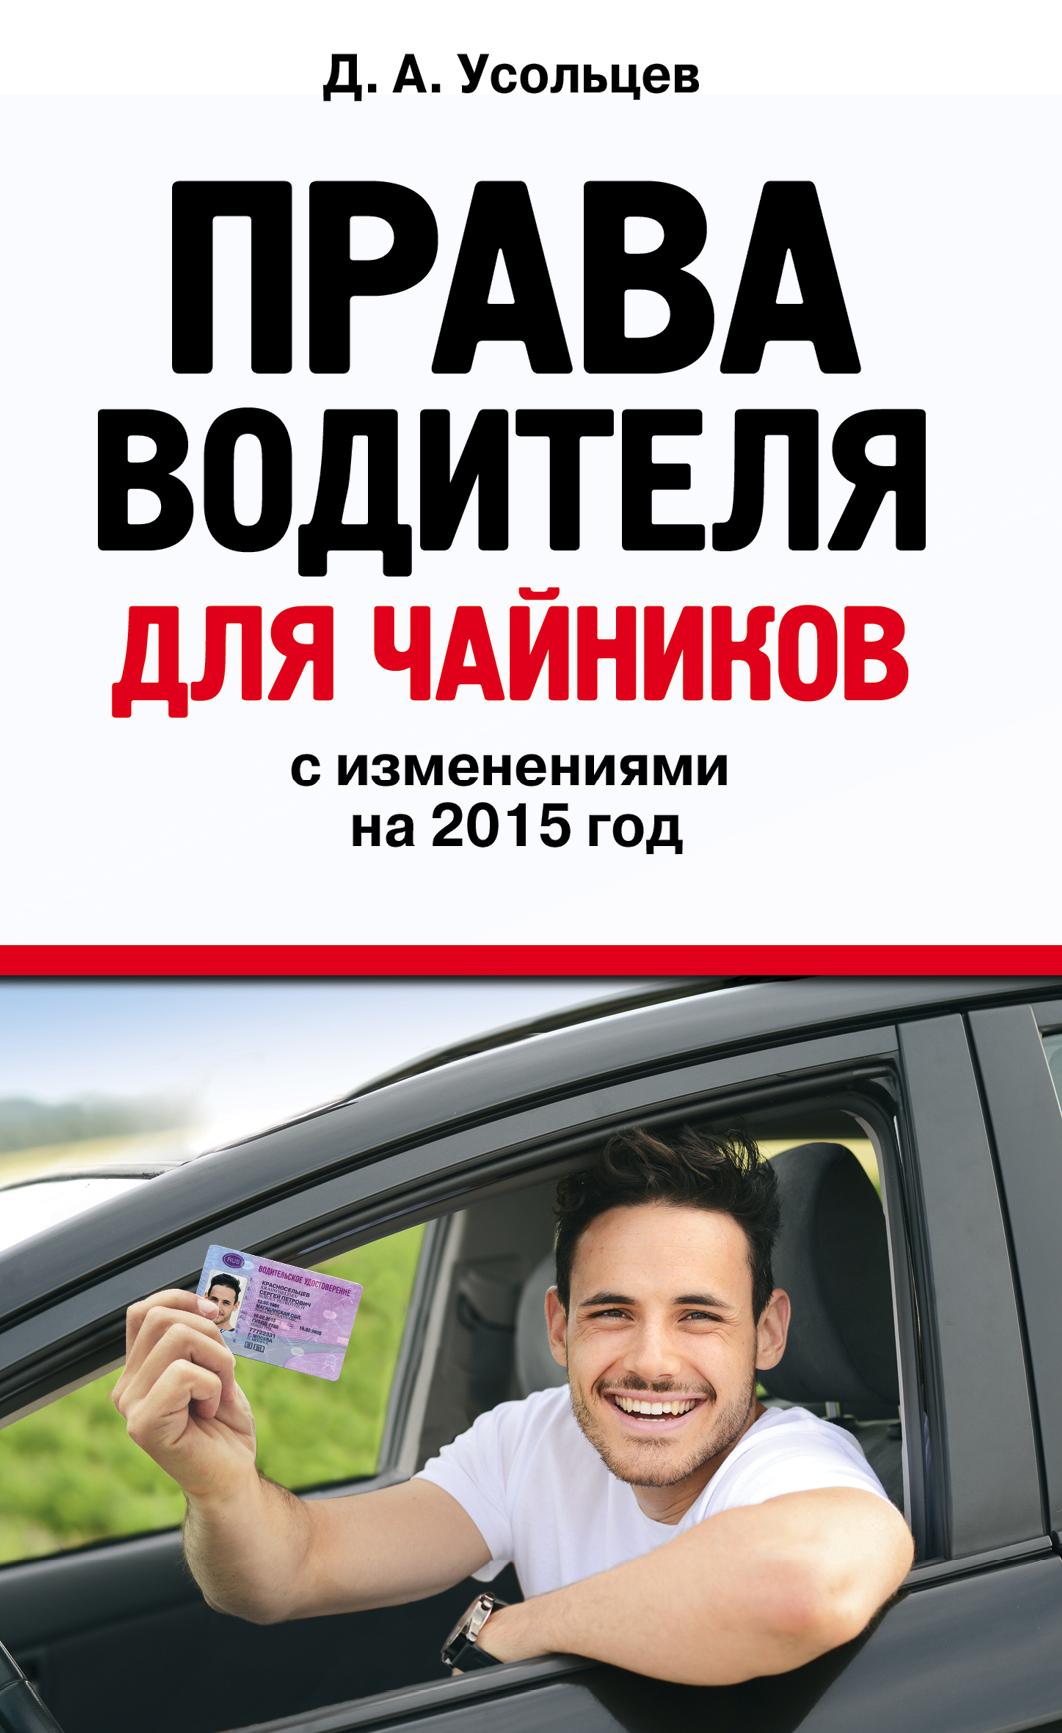 Права водителя для чайников: с изм. на 2015 год от book24.ru